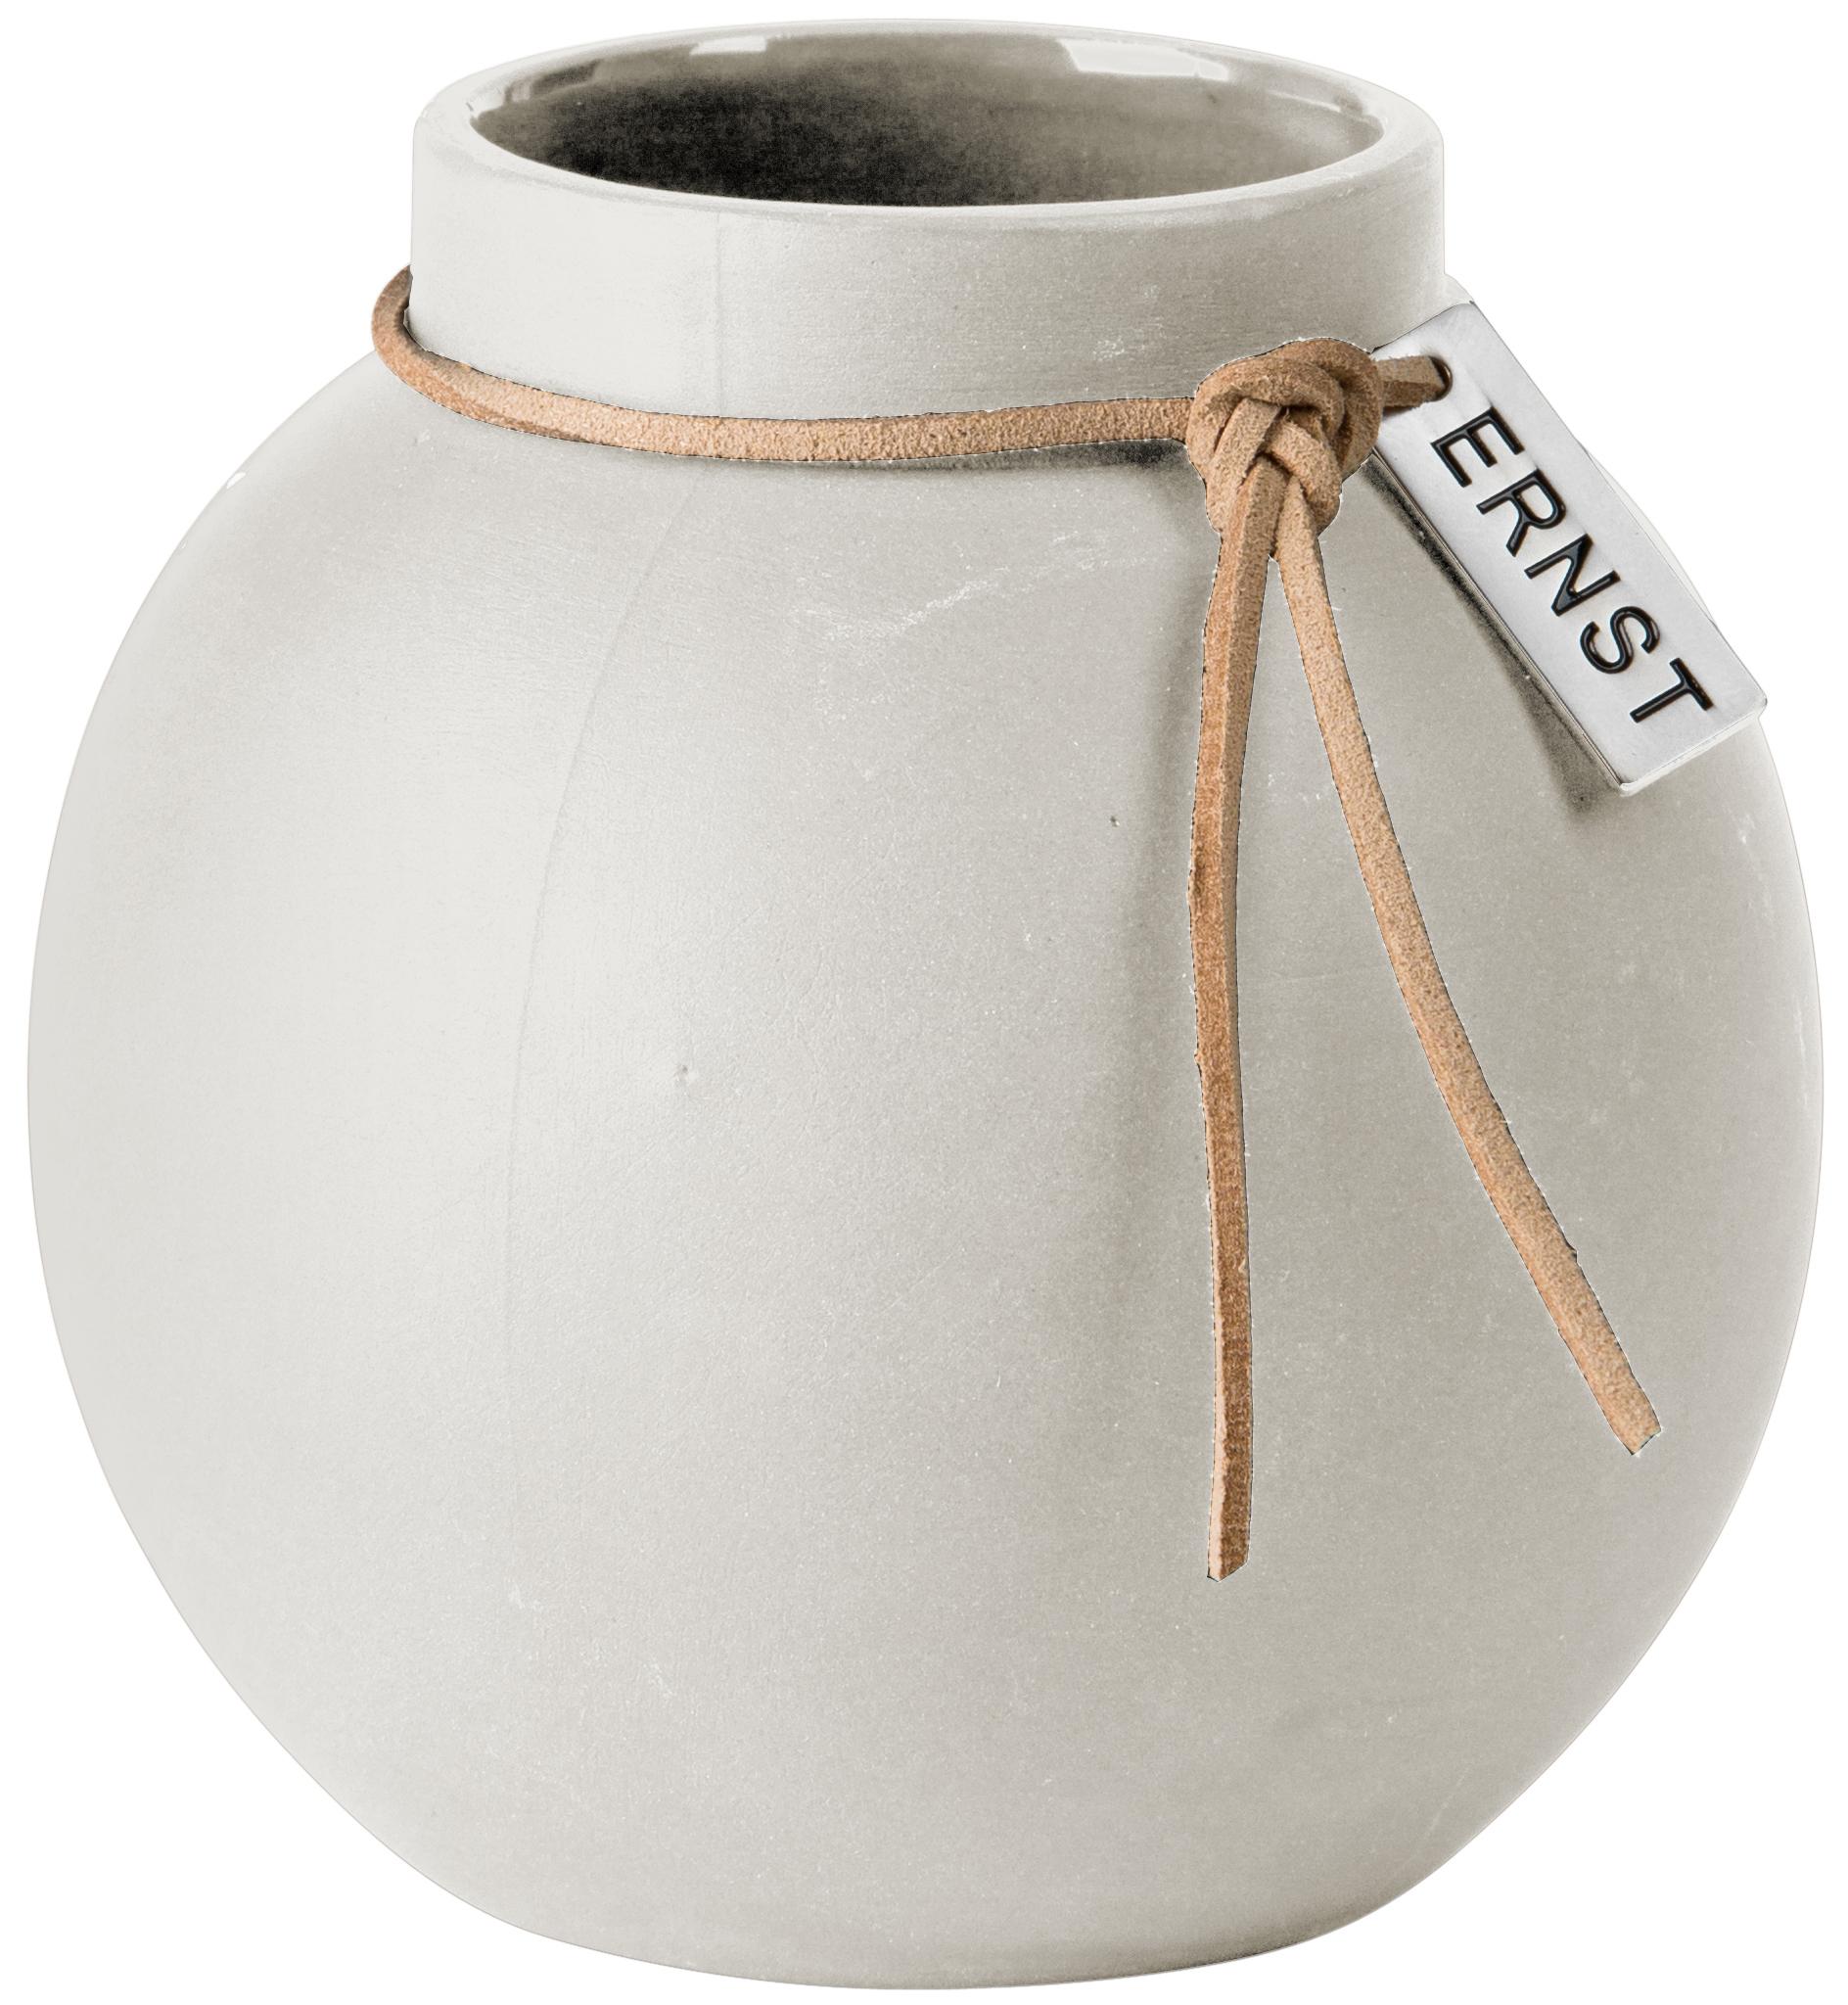 Vase Steingut rund ø 10 cm weiß - ERNST My Home and More